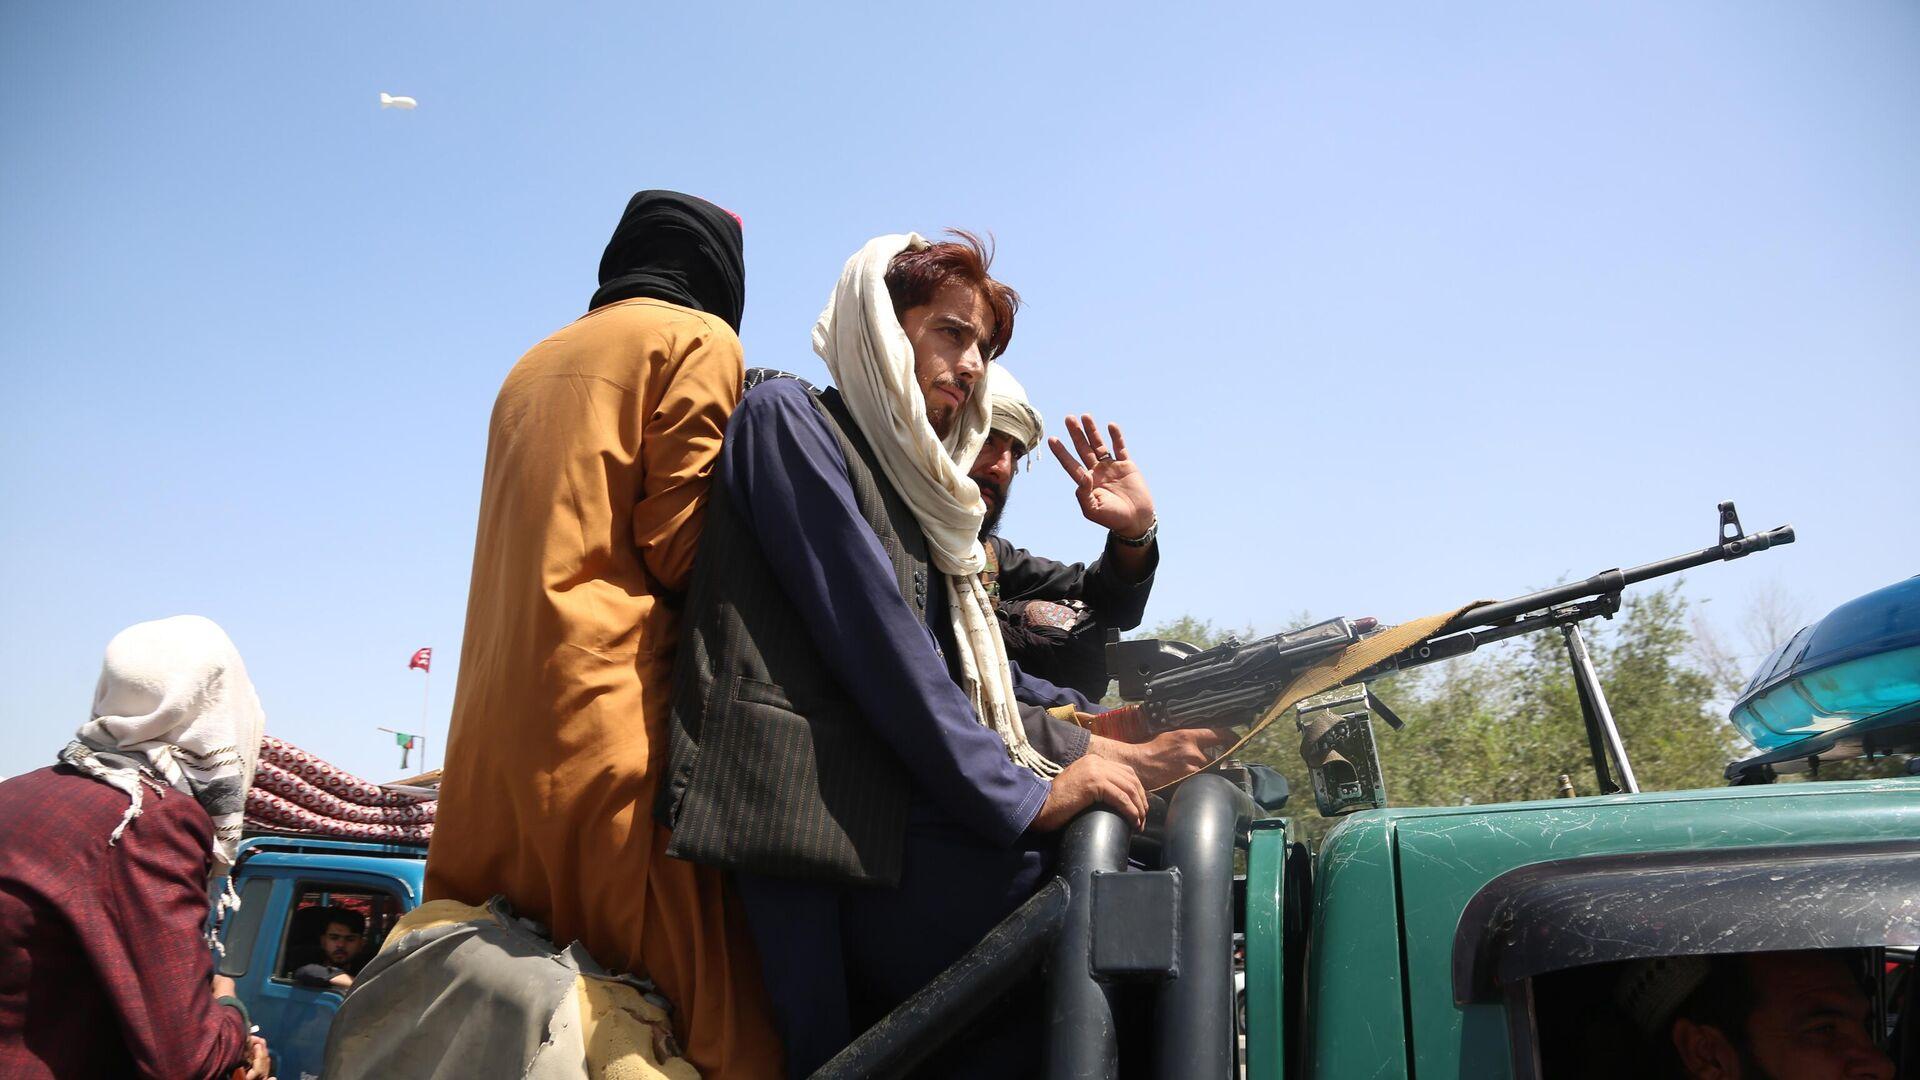 Боевики движения Талибан (террористическая организация, запрещена в России) в Кабуле - Sputnik Таджикистан, 1920, 17.08.2021